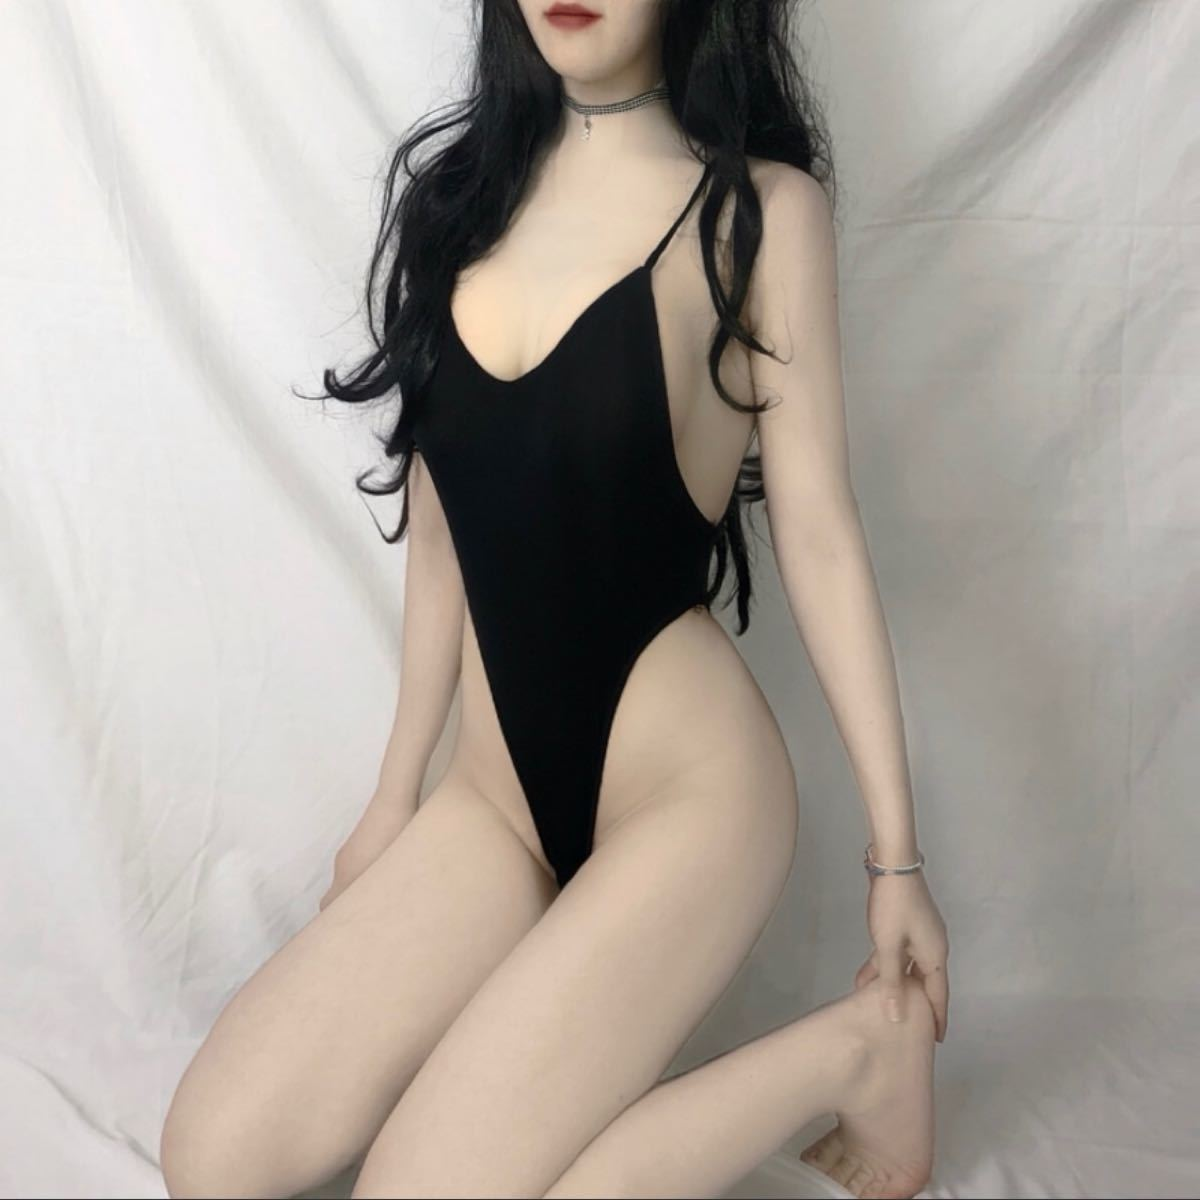 エロカッコいい ハイレグレオタードコスプレ  オープンクロッチ sexyランジェリー セクシー 美尻 背中空き 誘惑過激な 黒透明